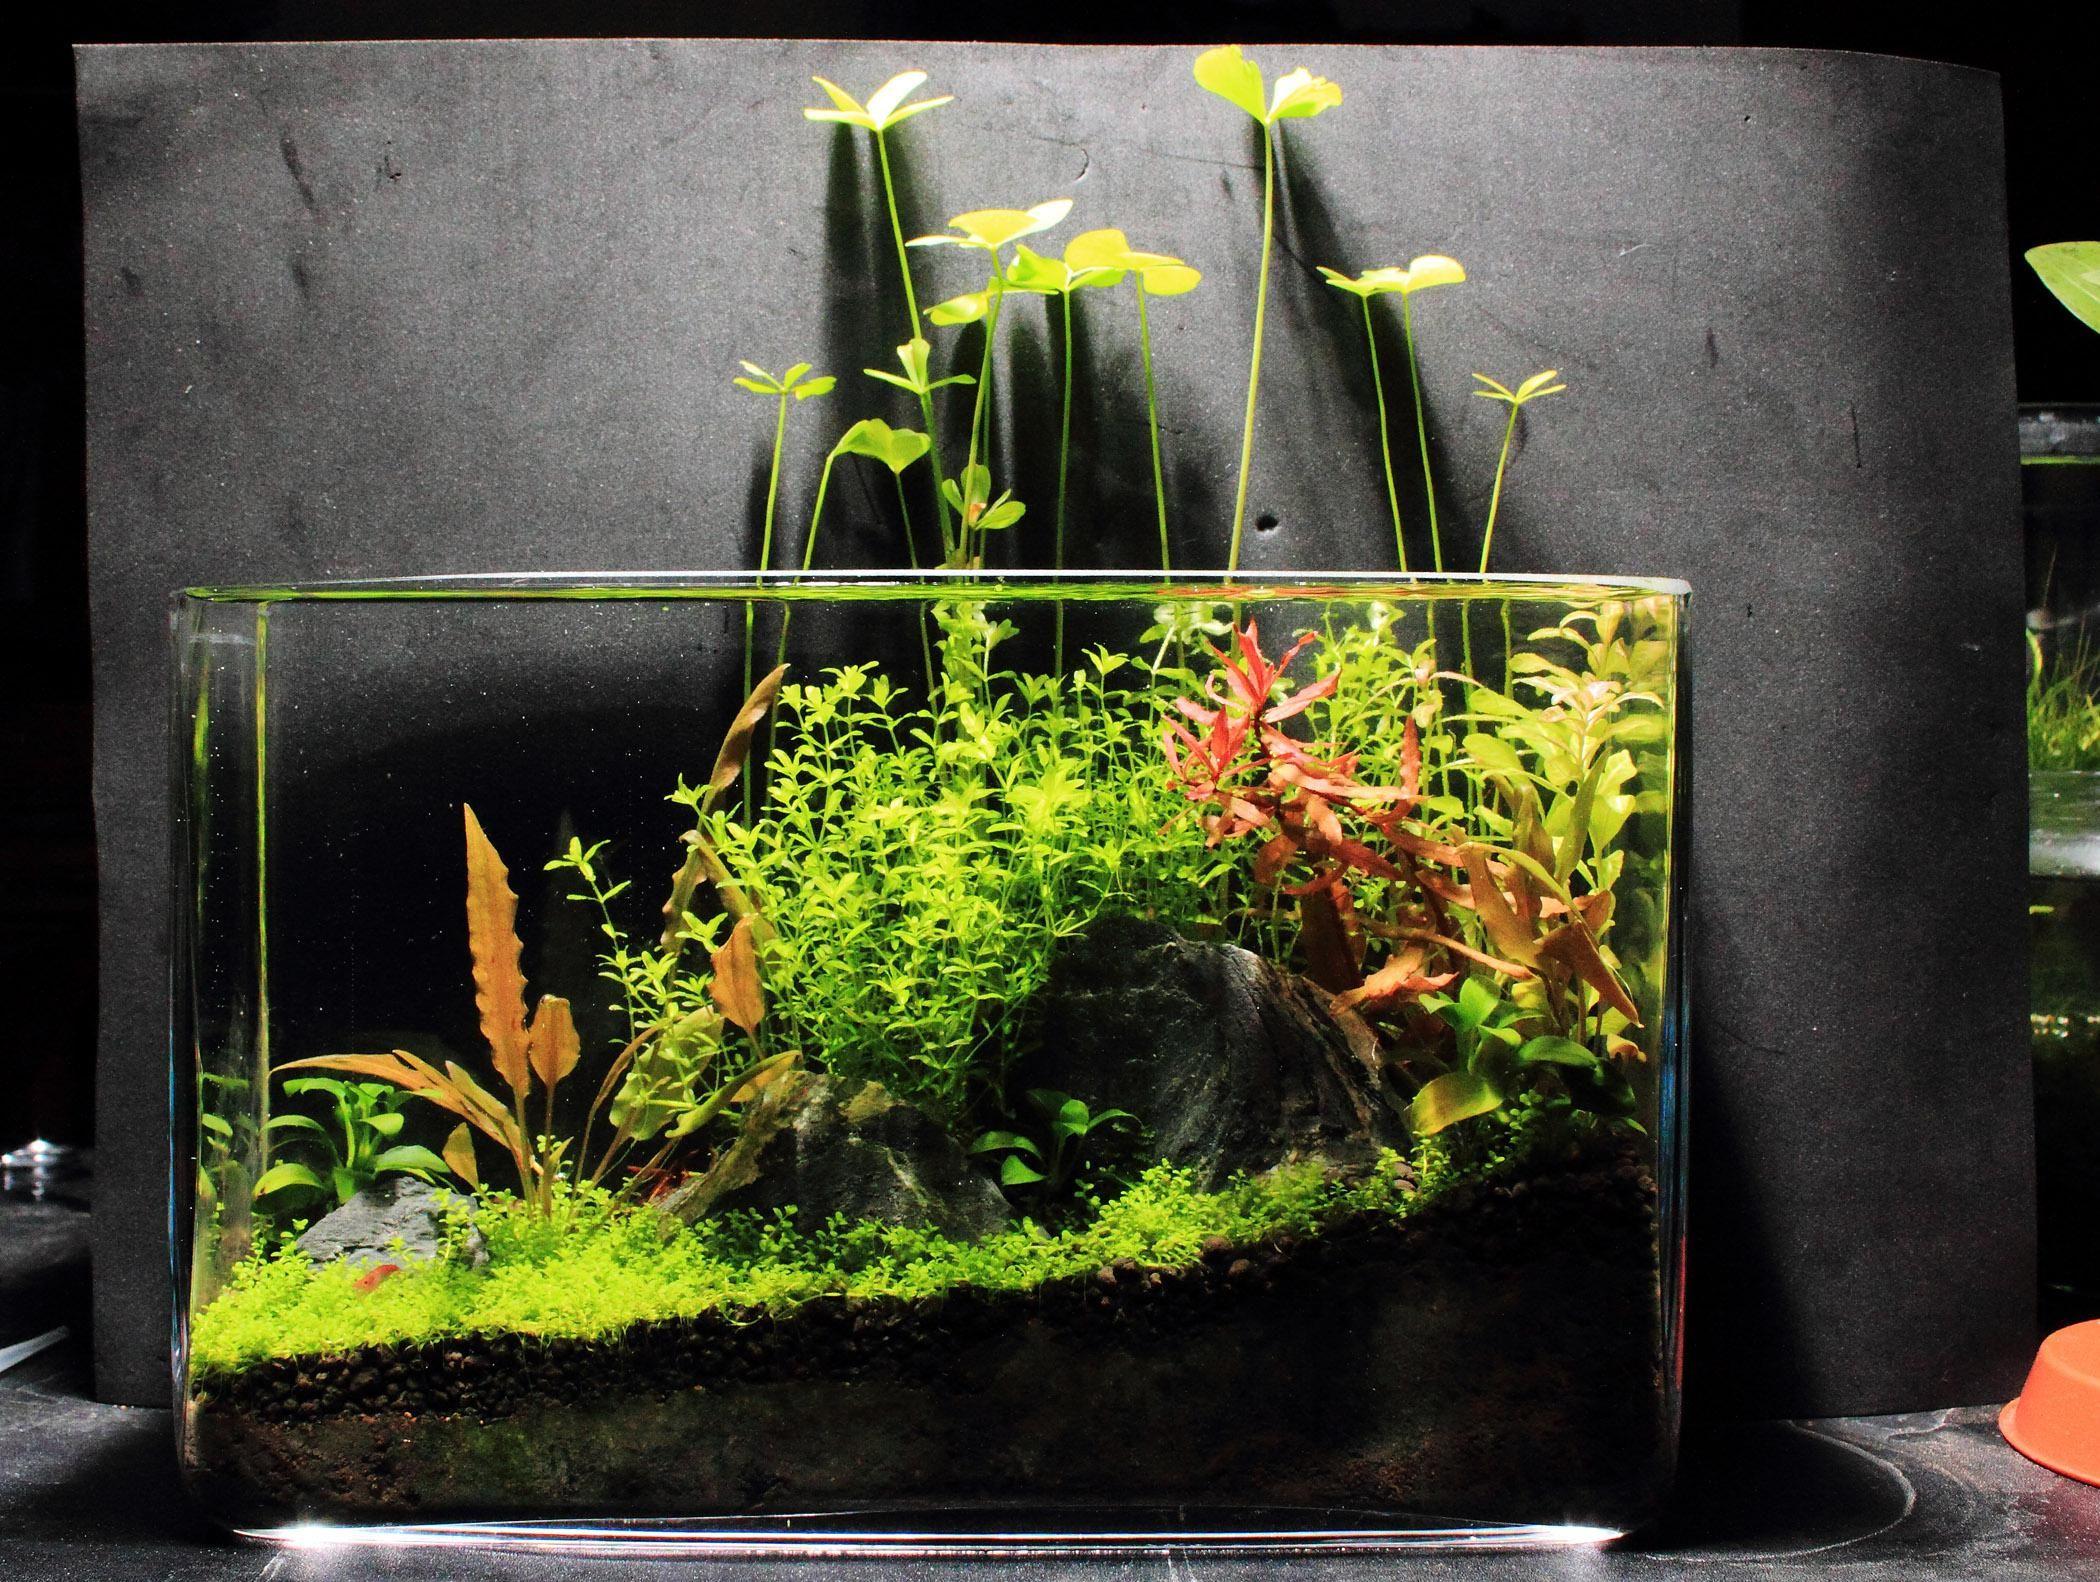 Xz 39 s 3ft high tech low tech nano experiments the planted tank forum dutch style - Petit aquarium design ...